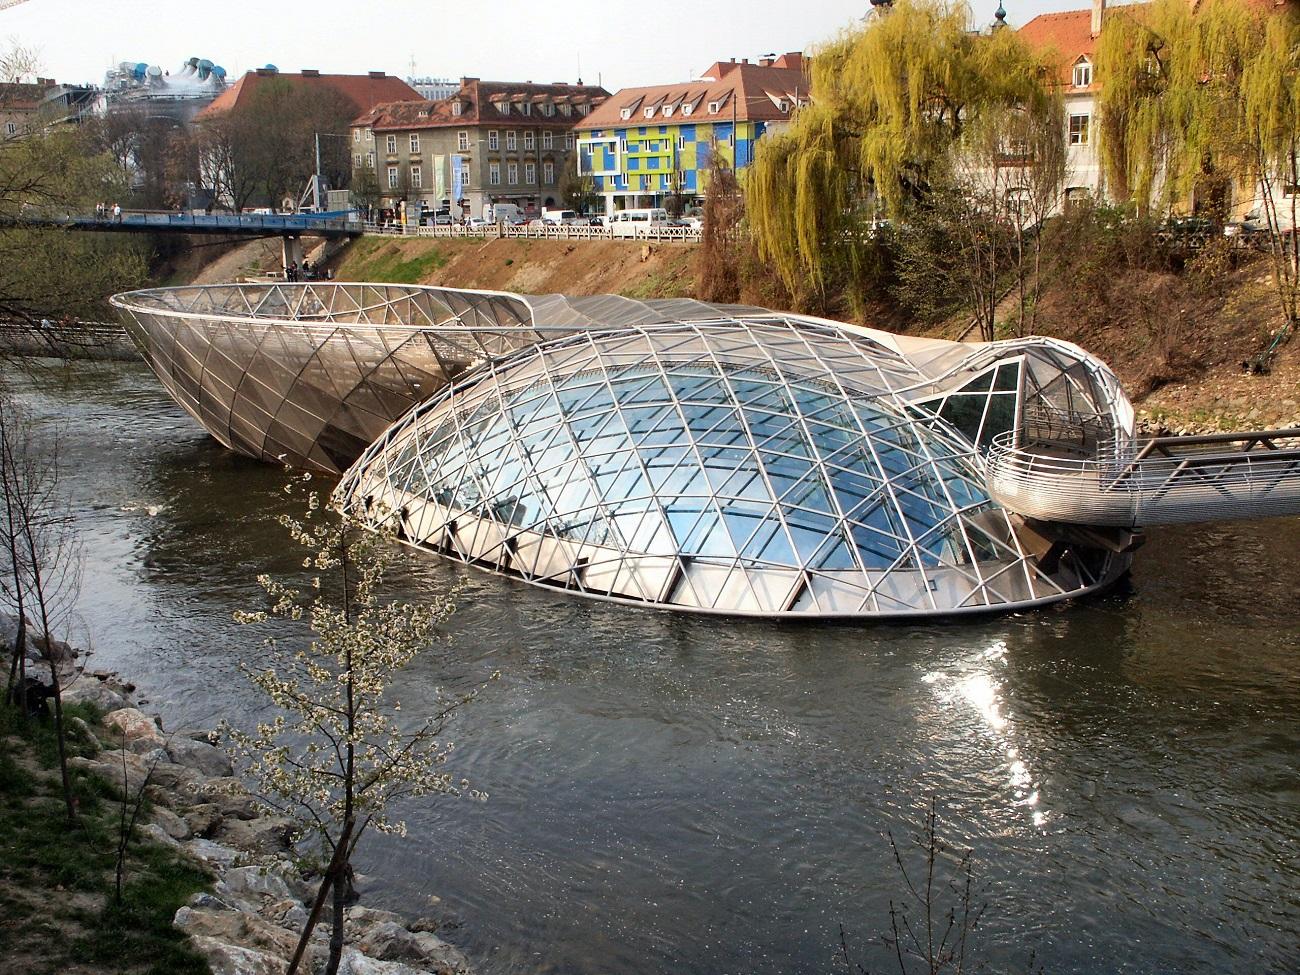 Vito Acconci, Murinsel, l'isola sul fiume Mur a Graz